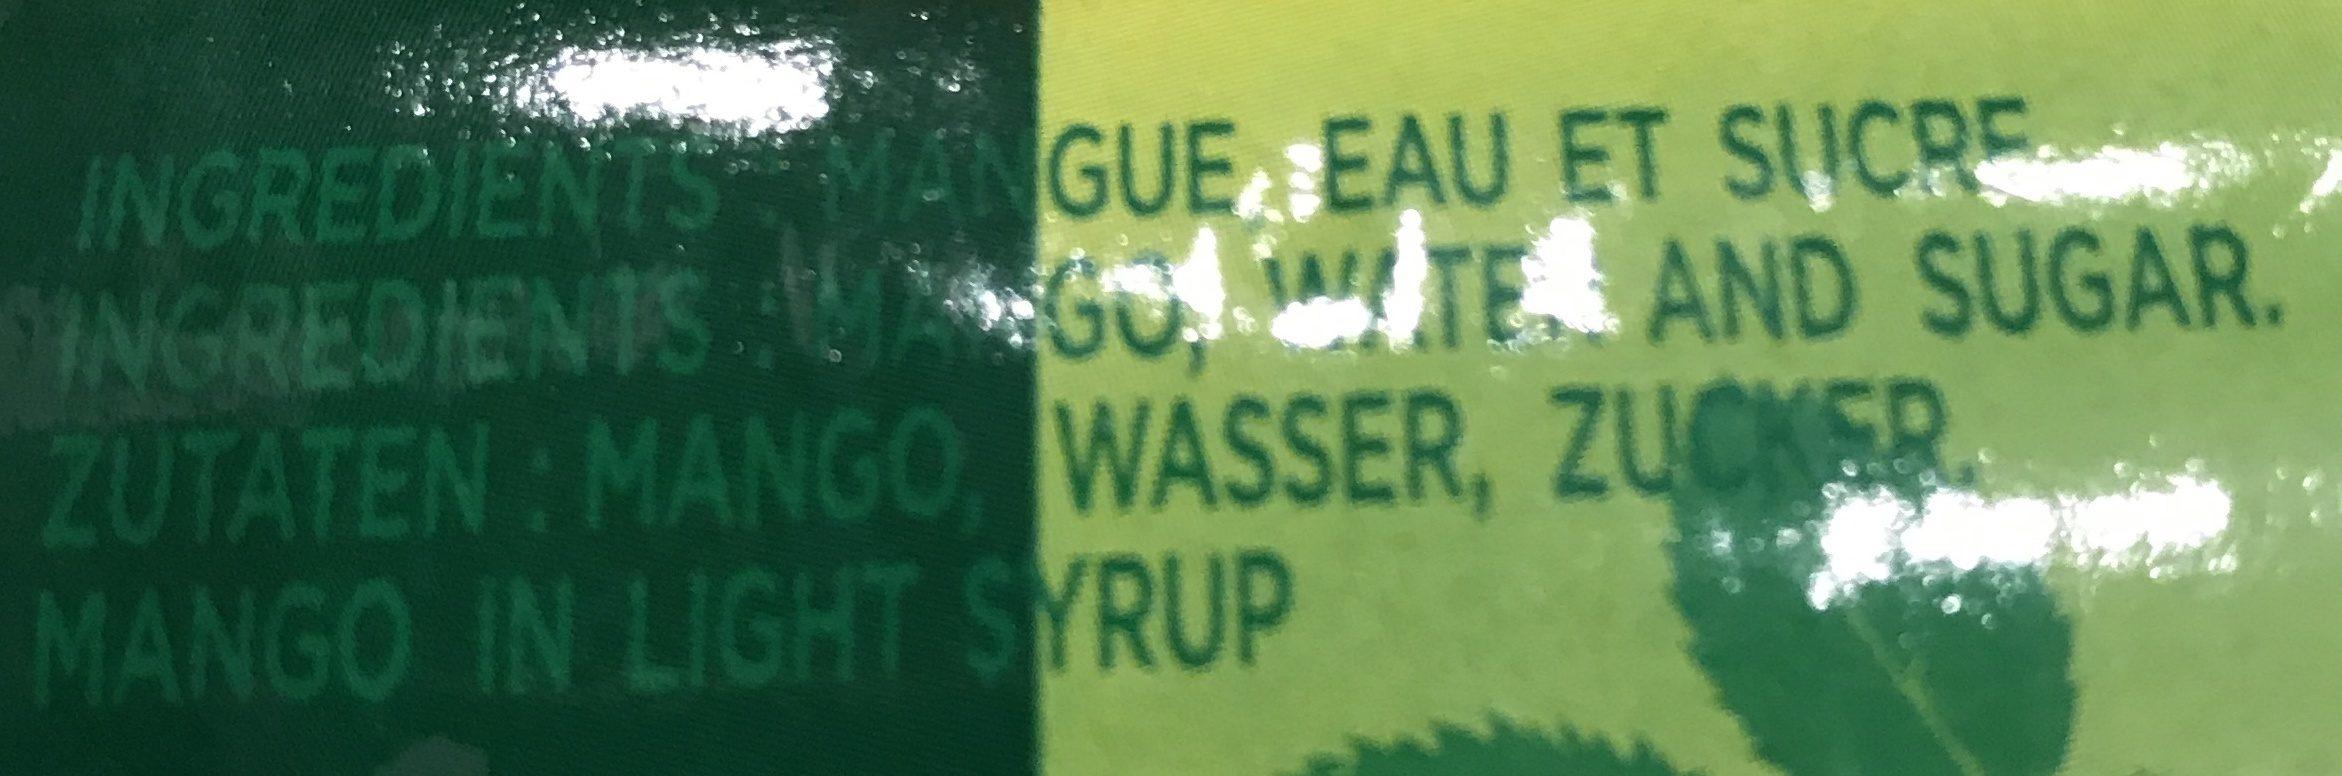 Mangue Au Sirop TWIN ELEPHANTS 425G - Ingredients - fr